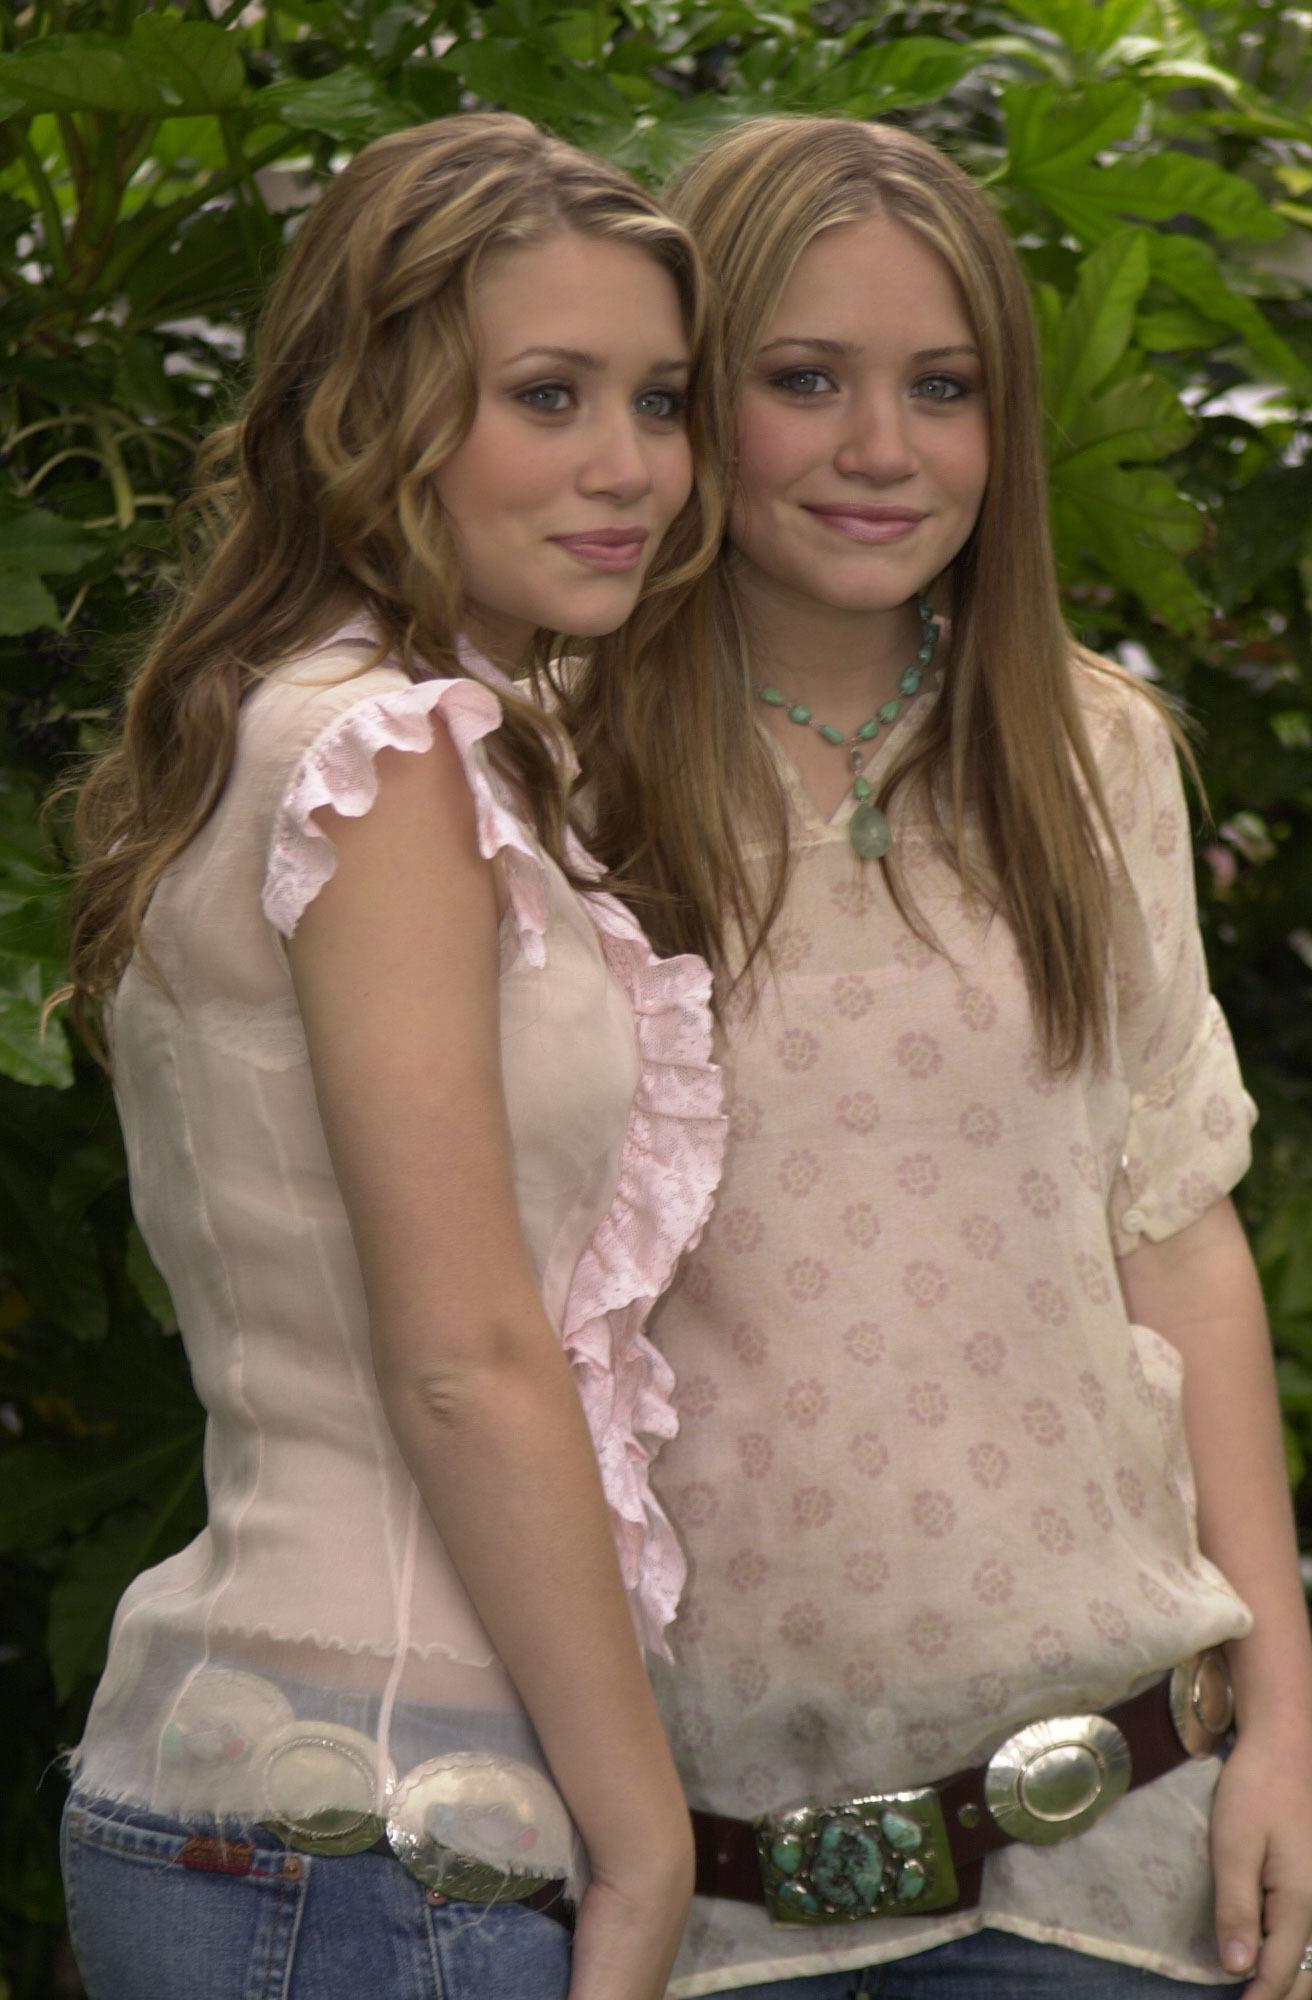 Mary-Kate & Ashley Olsen images 2002 - BBC for Children in ...